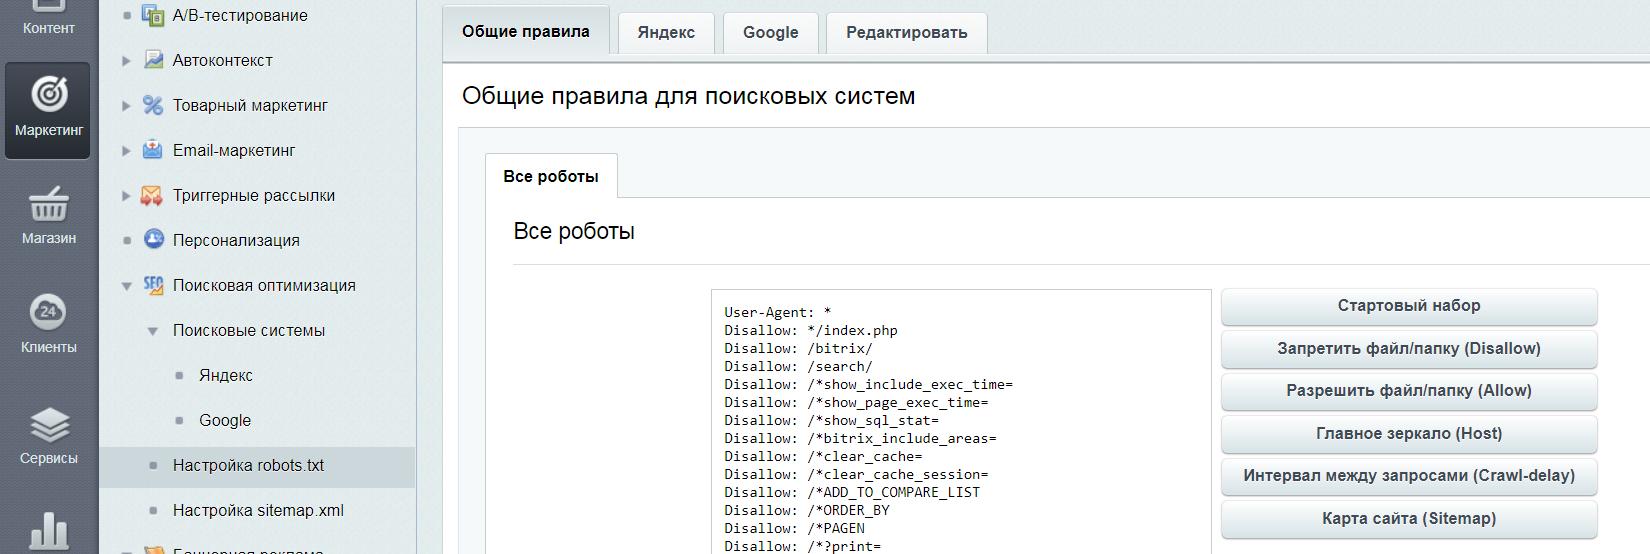 1с битрикс виртуальный сервер